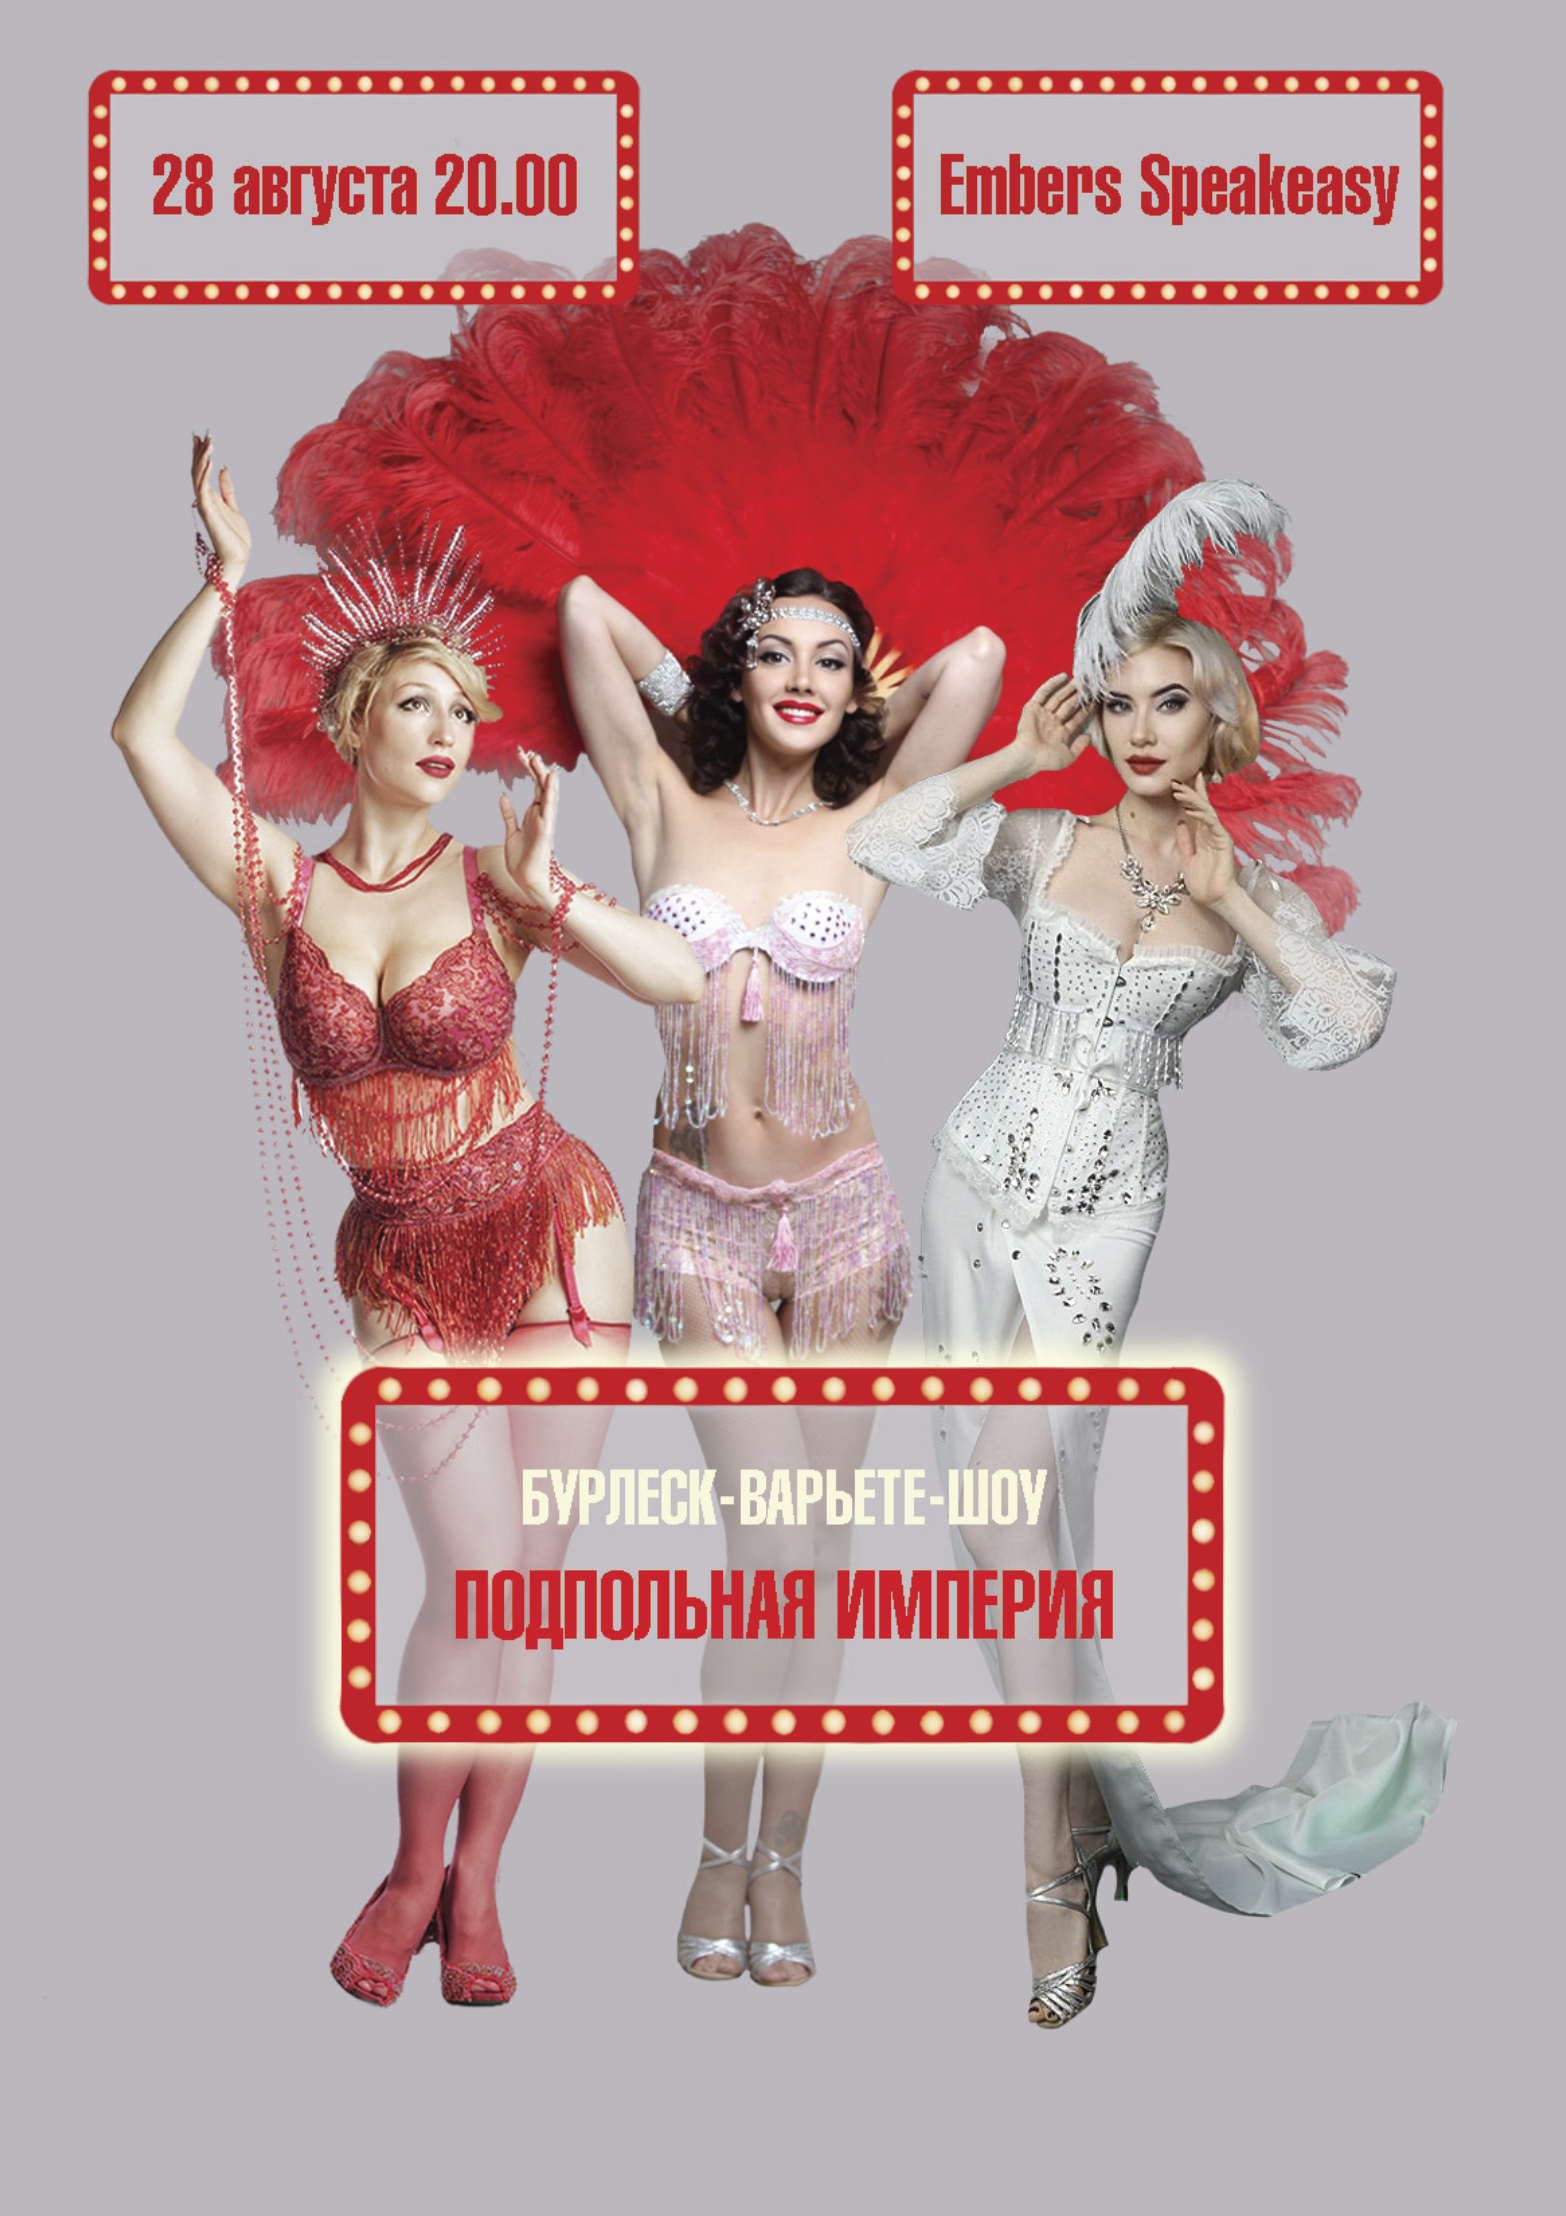 Афиша! 28 августа — Бурлеск шоу «Подпольная Империя» в Embers Speakeasy.